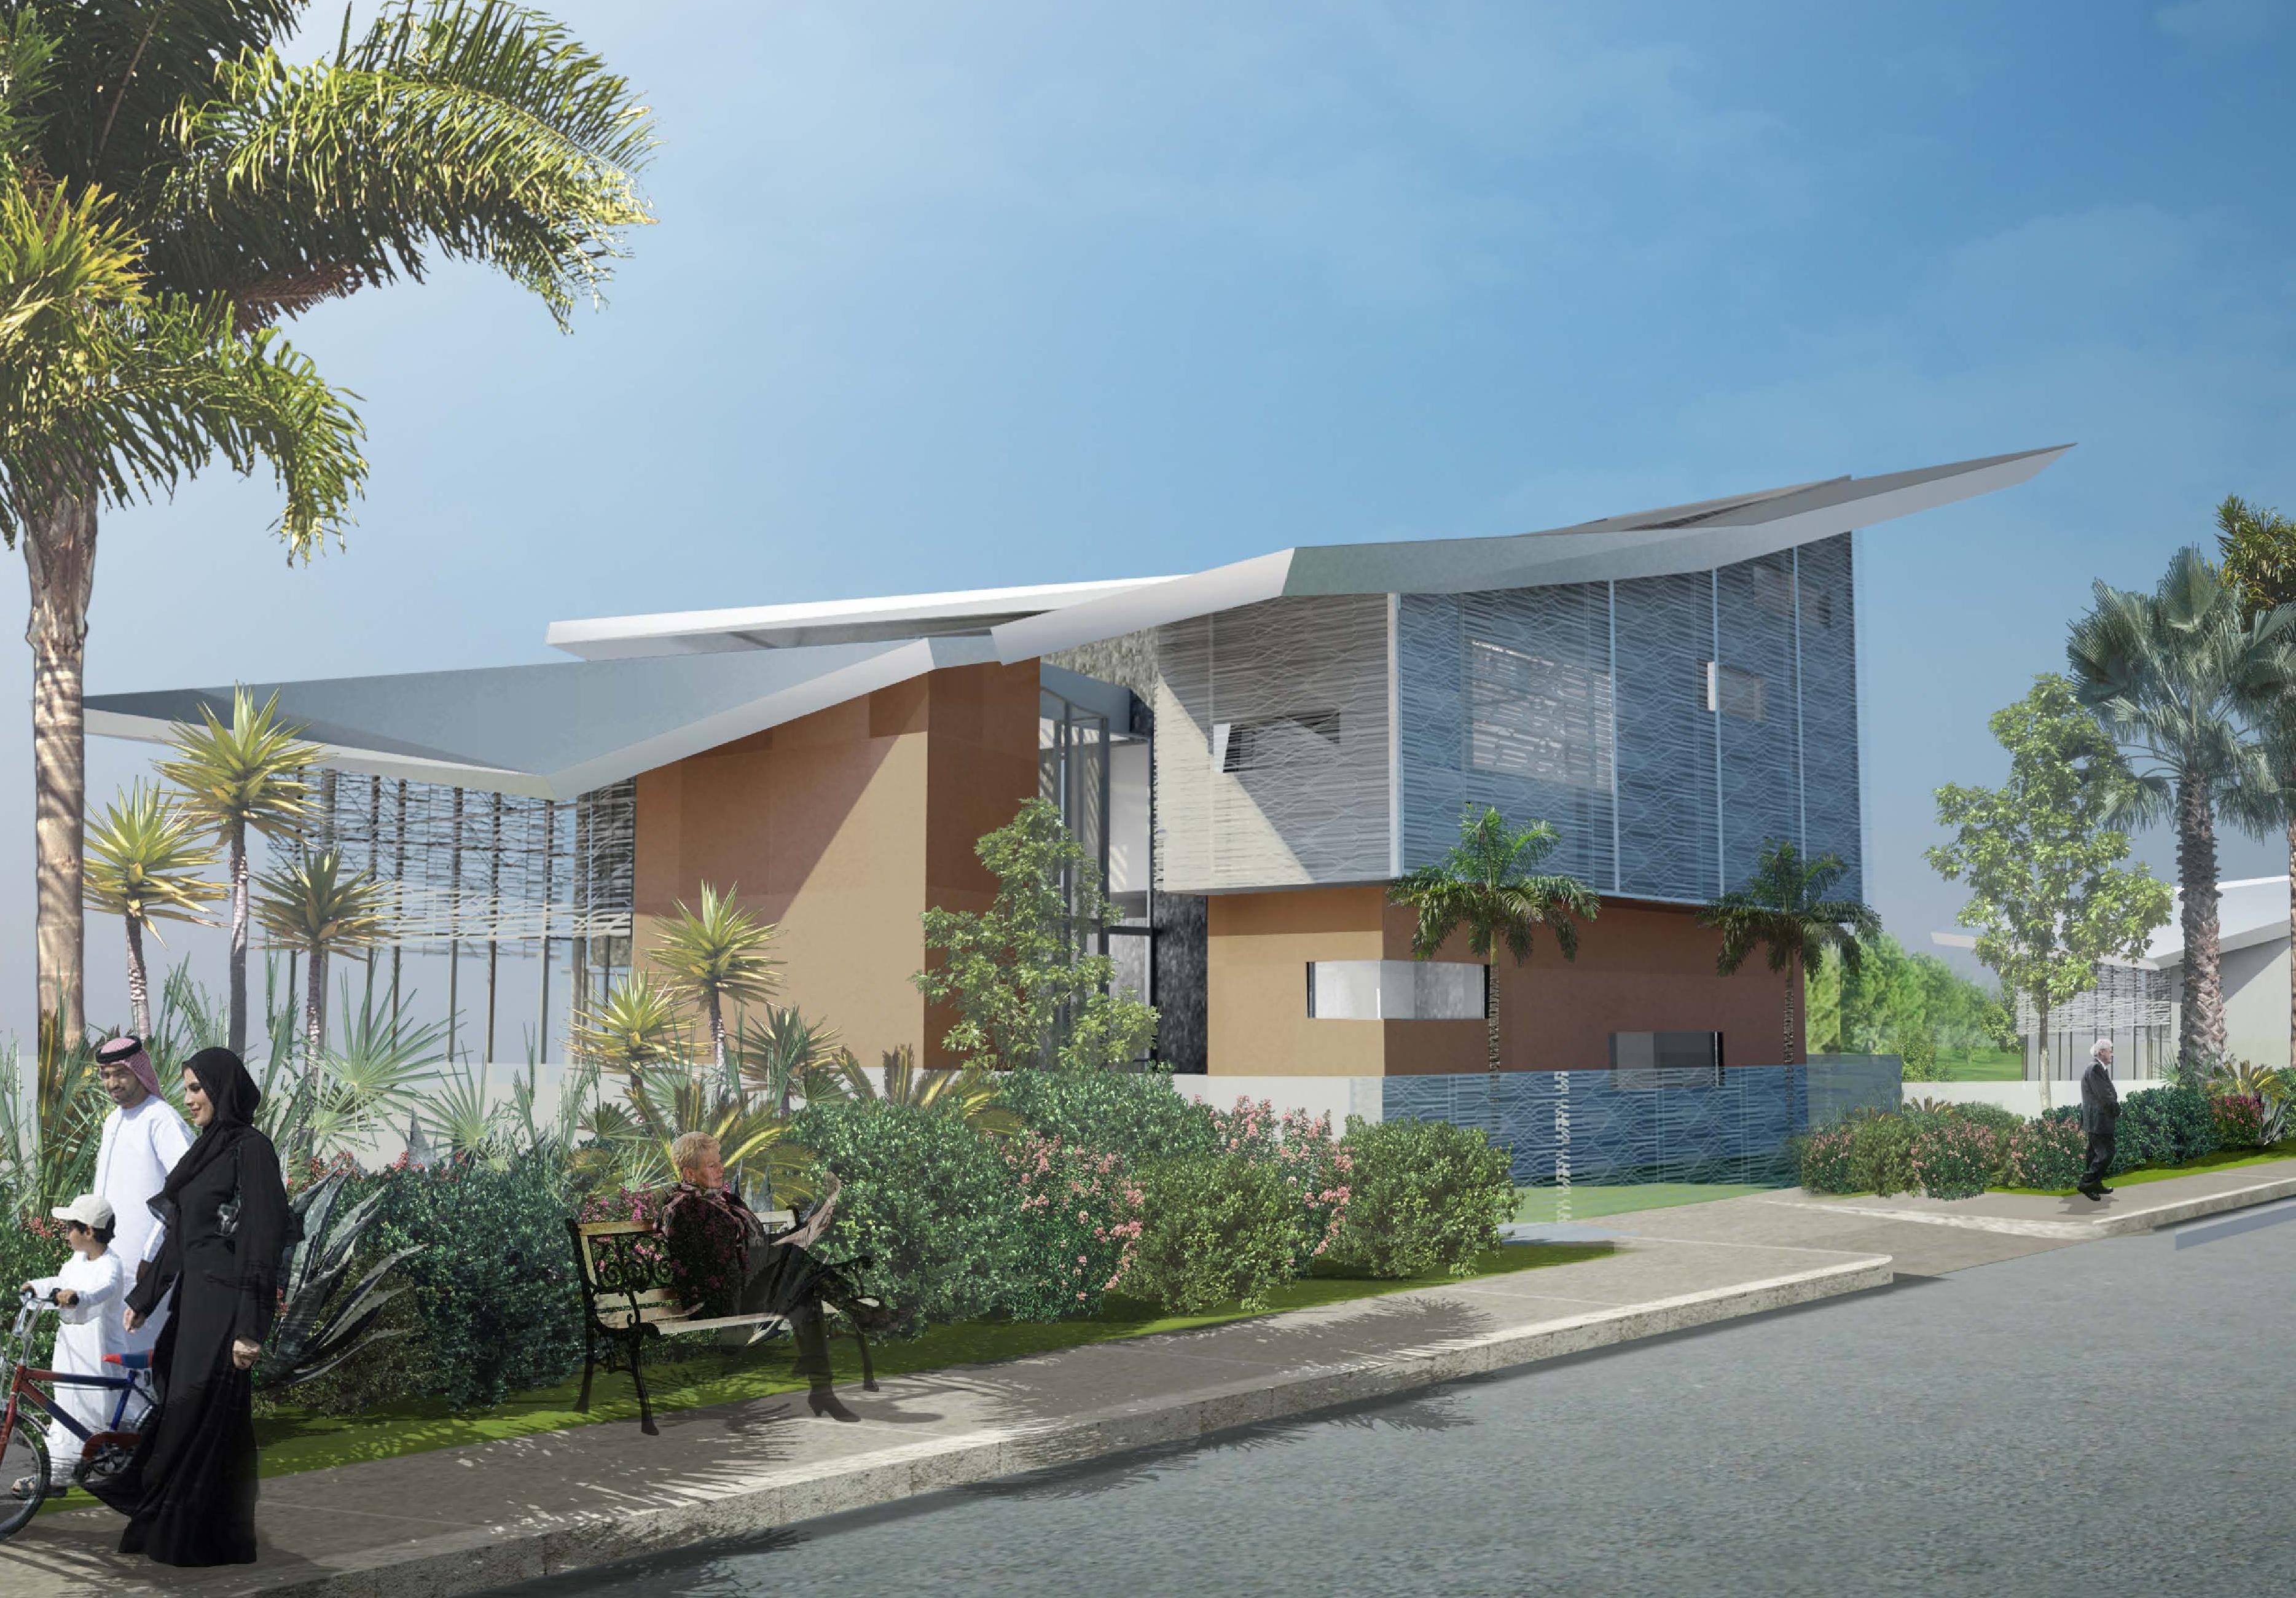 Mudon-Signature Villas & Apartments